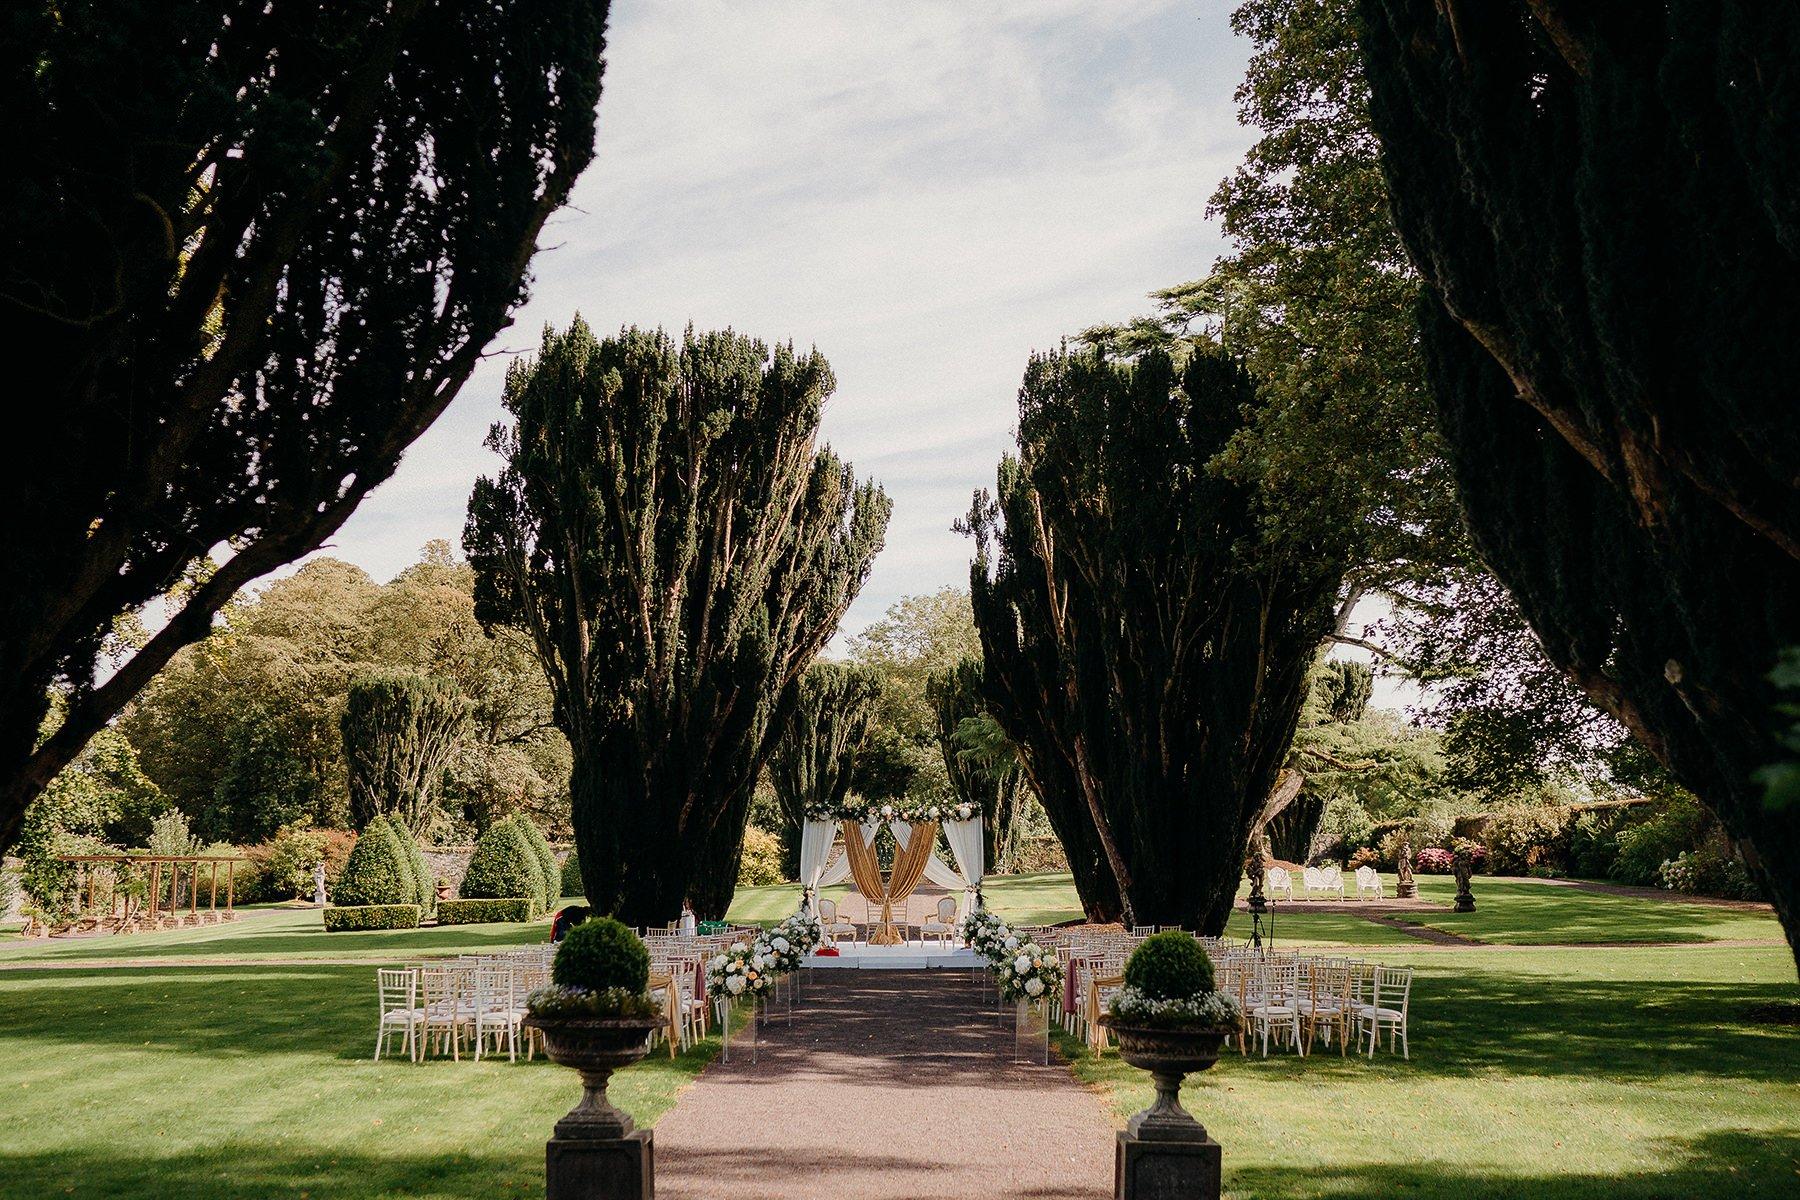 outdoor weddding ceremony venues in Ireland